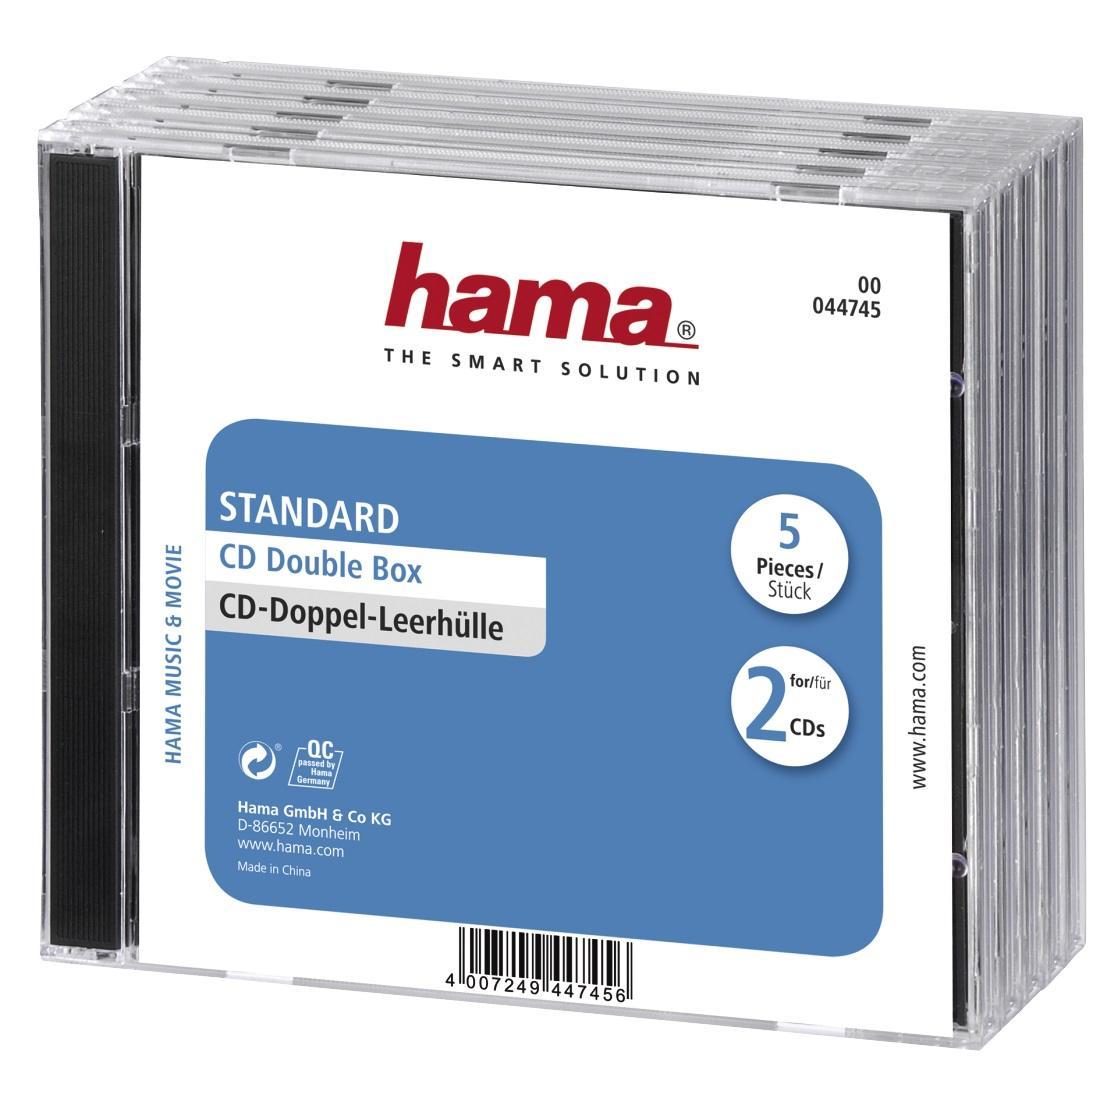 Кутийка за CD/DVD HAMA Double Jewel Case, прозрачен/черен, 5 бр. в пакет